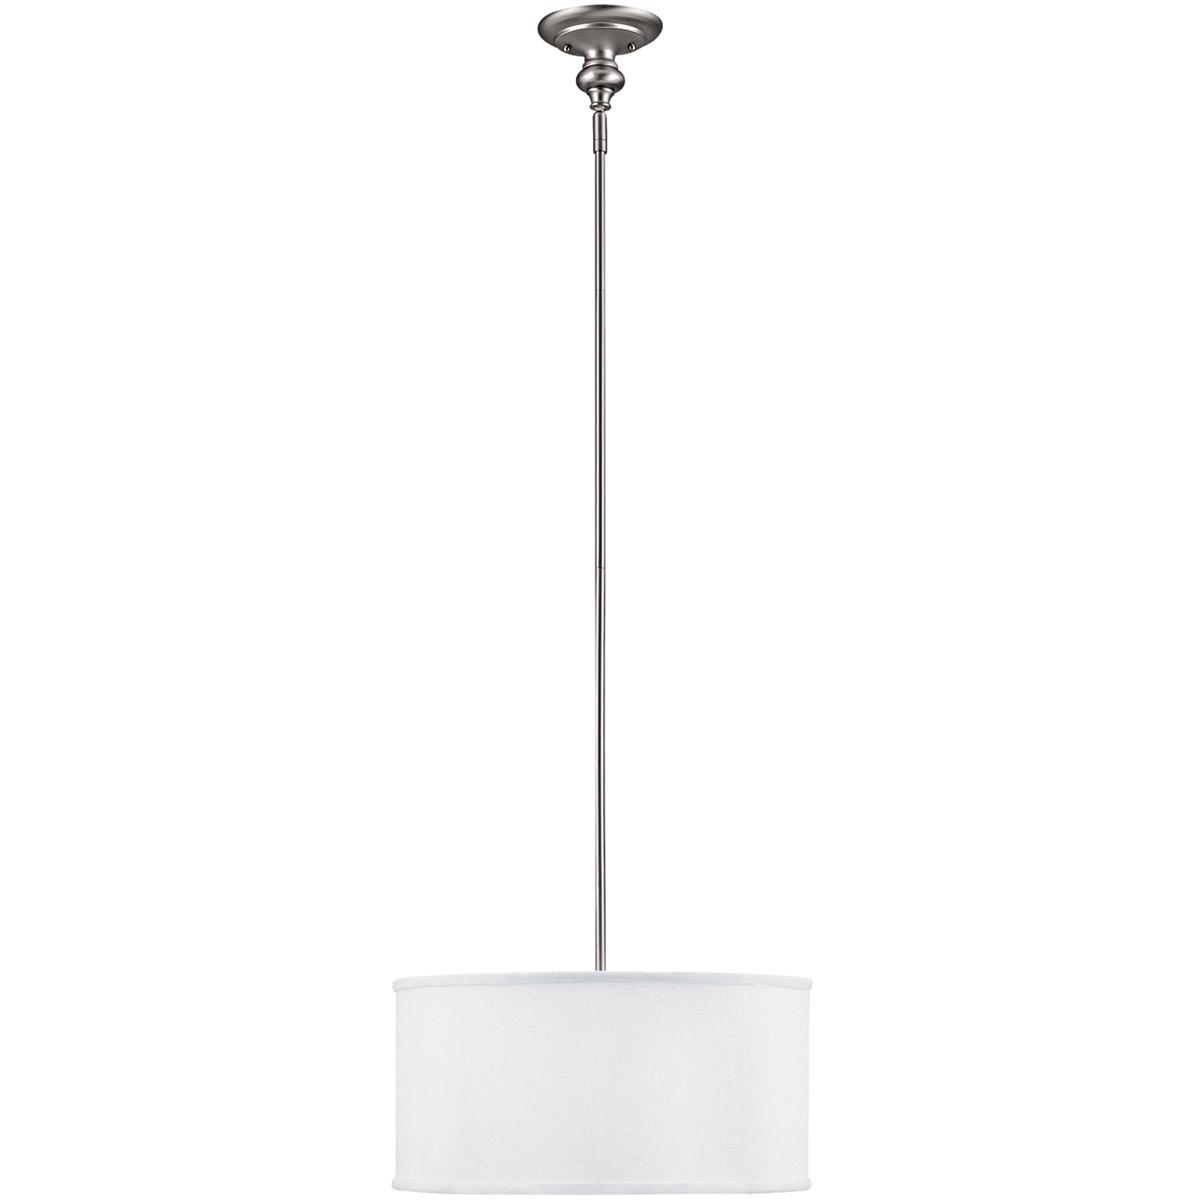 Capital lighting fixtures 3910mn 457 midtown pendant matte nickel